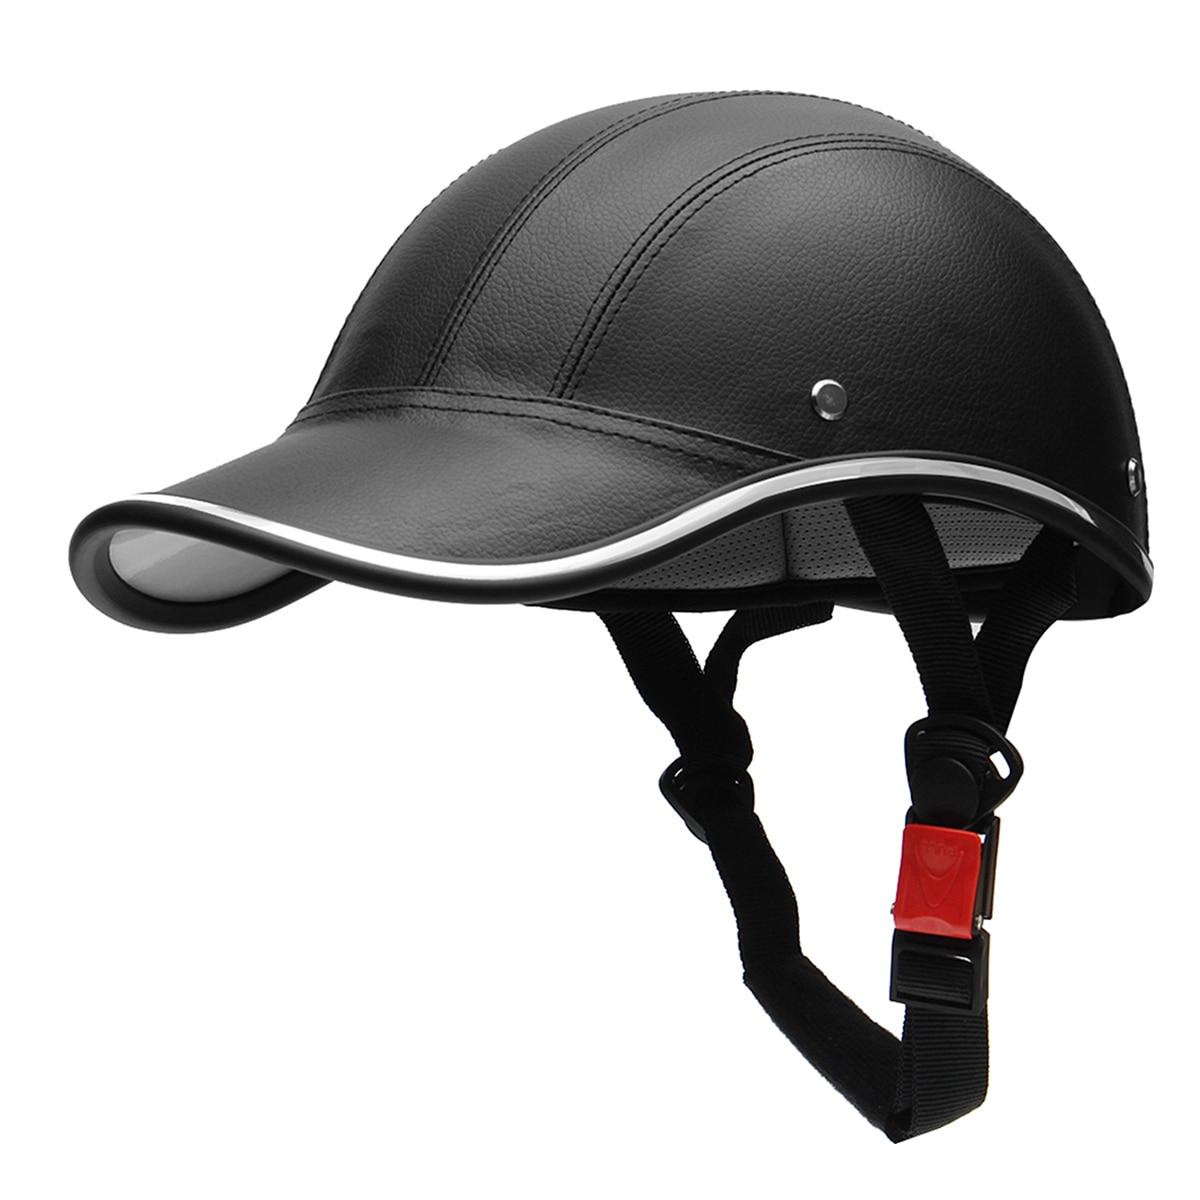 Comprare Moto Mezzo Casco Berretto Da Baseball StyleHalf Viso Casco Bici  Elettrica Scooter Anti Uv Cappello Duro di Sicurezza Miglior Prezzo Online 16c70883ad01